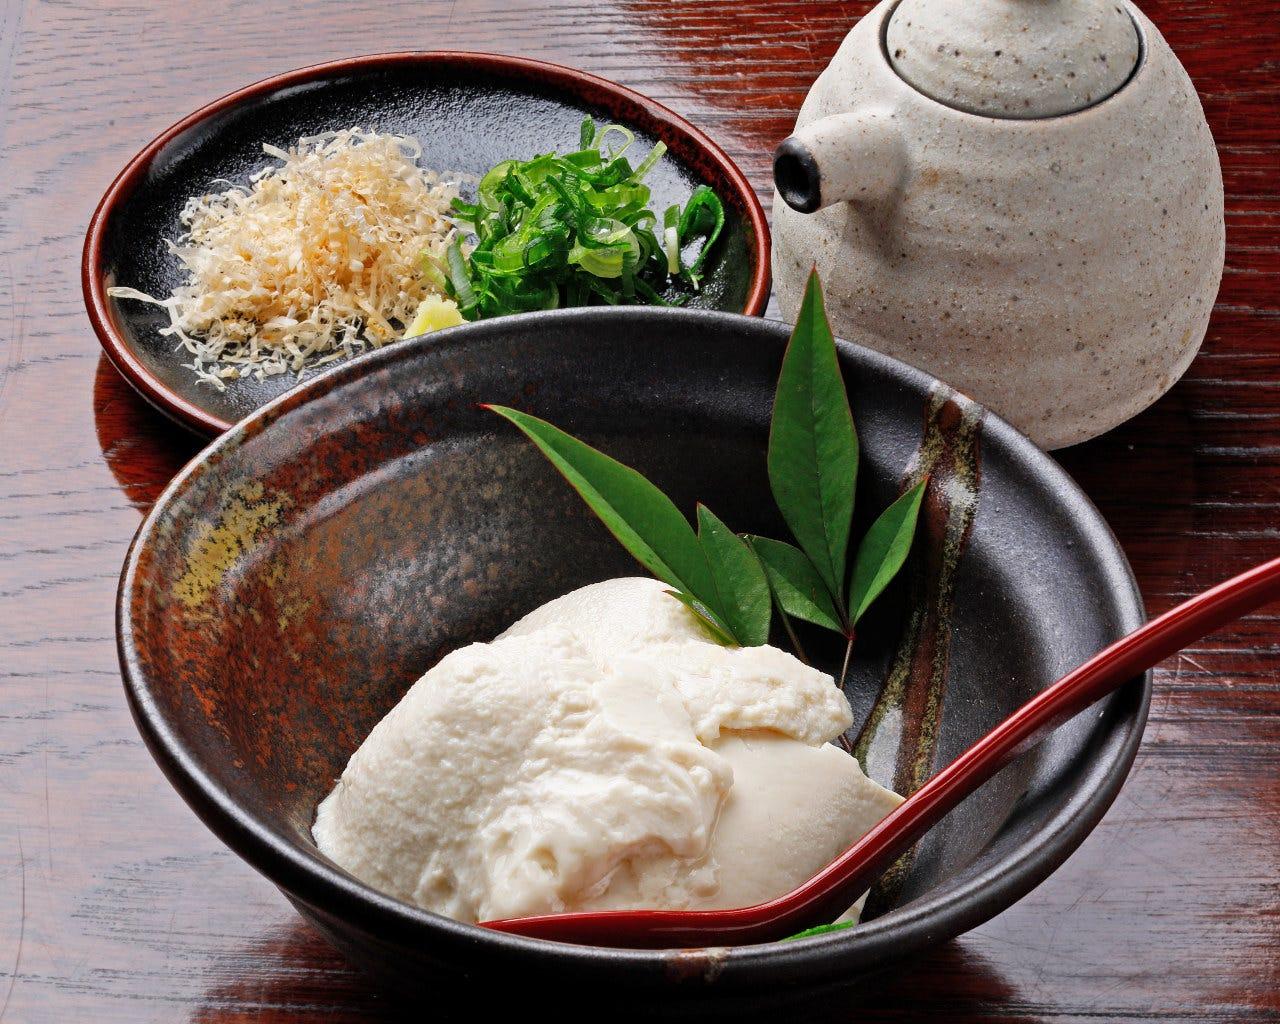 自家製くみだし豆腐。お酒に合う逸品を多数取り揃えています。